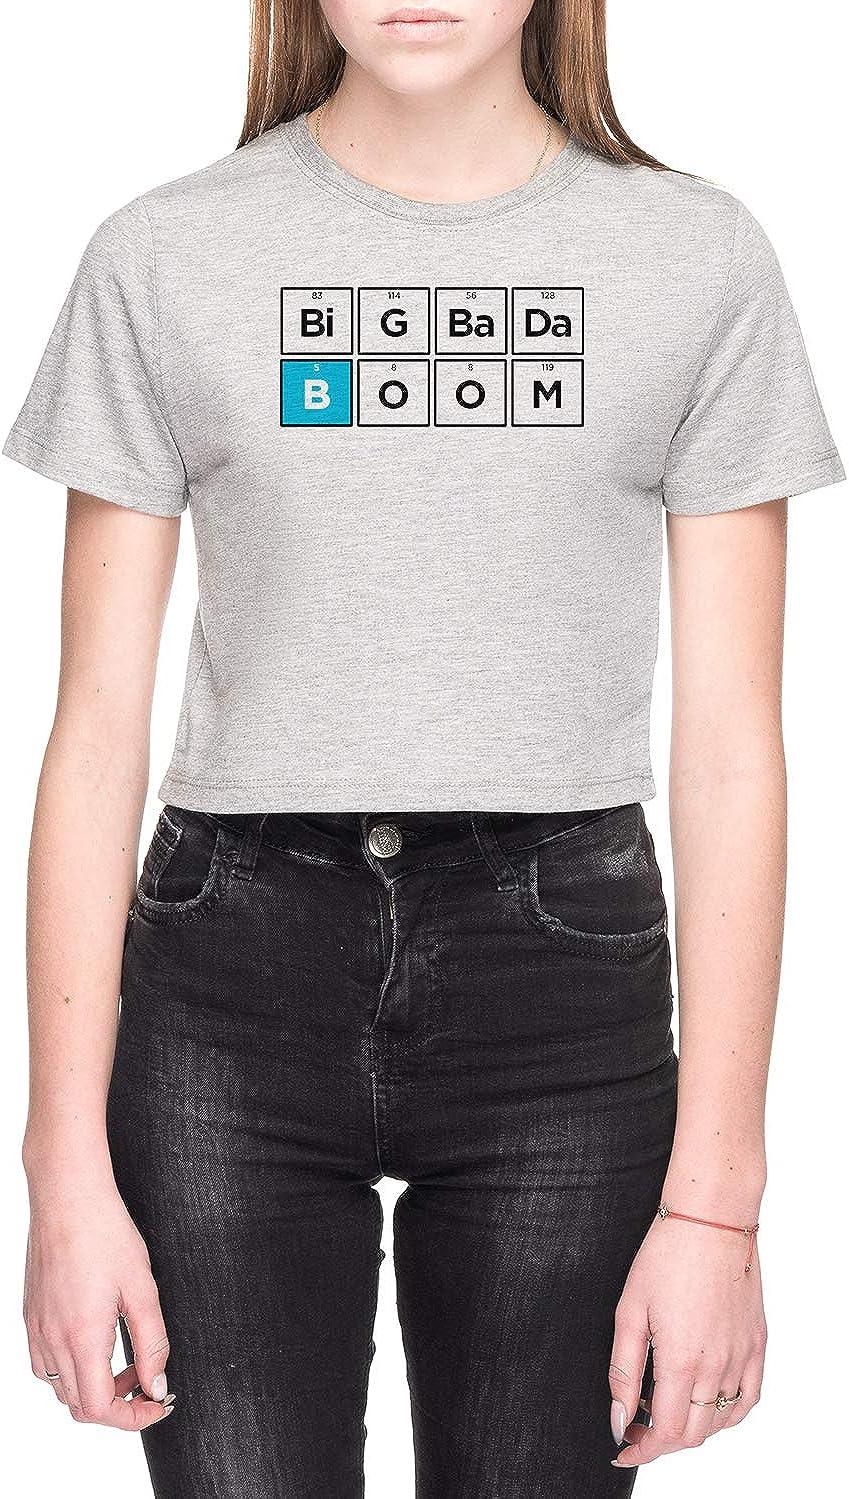 Rundi Boron Mujer Camiseta De Crop Gris Todos Los Tamaños - Women's Crop T-Shirt Grey